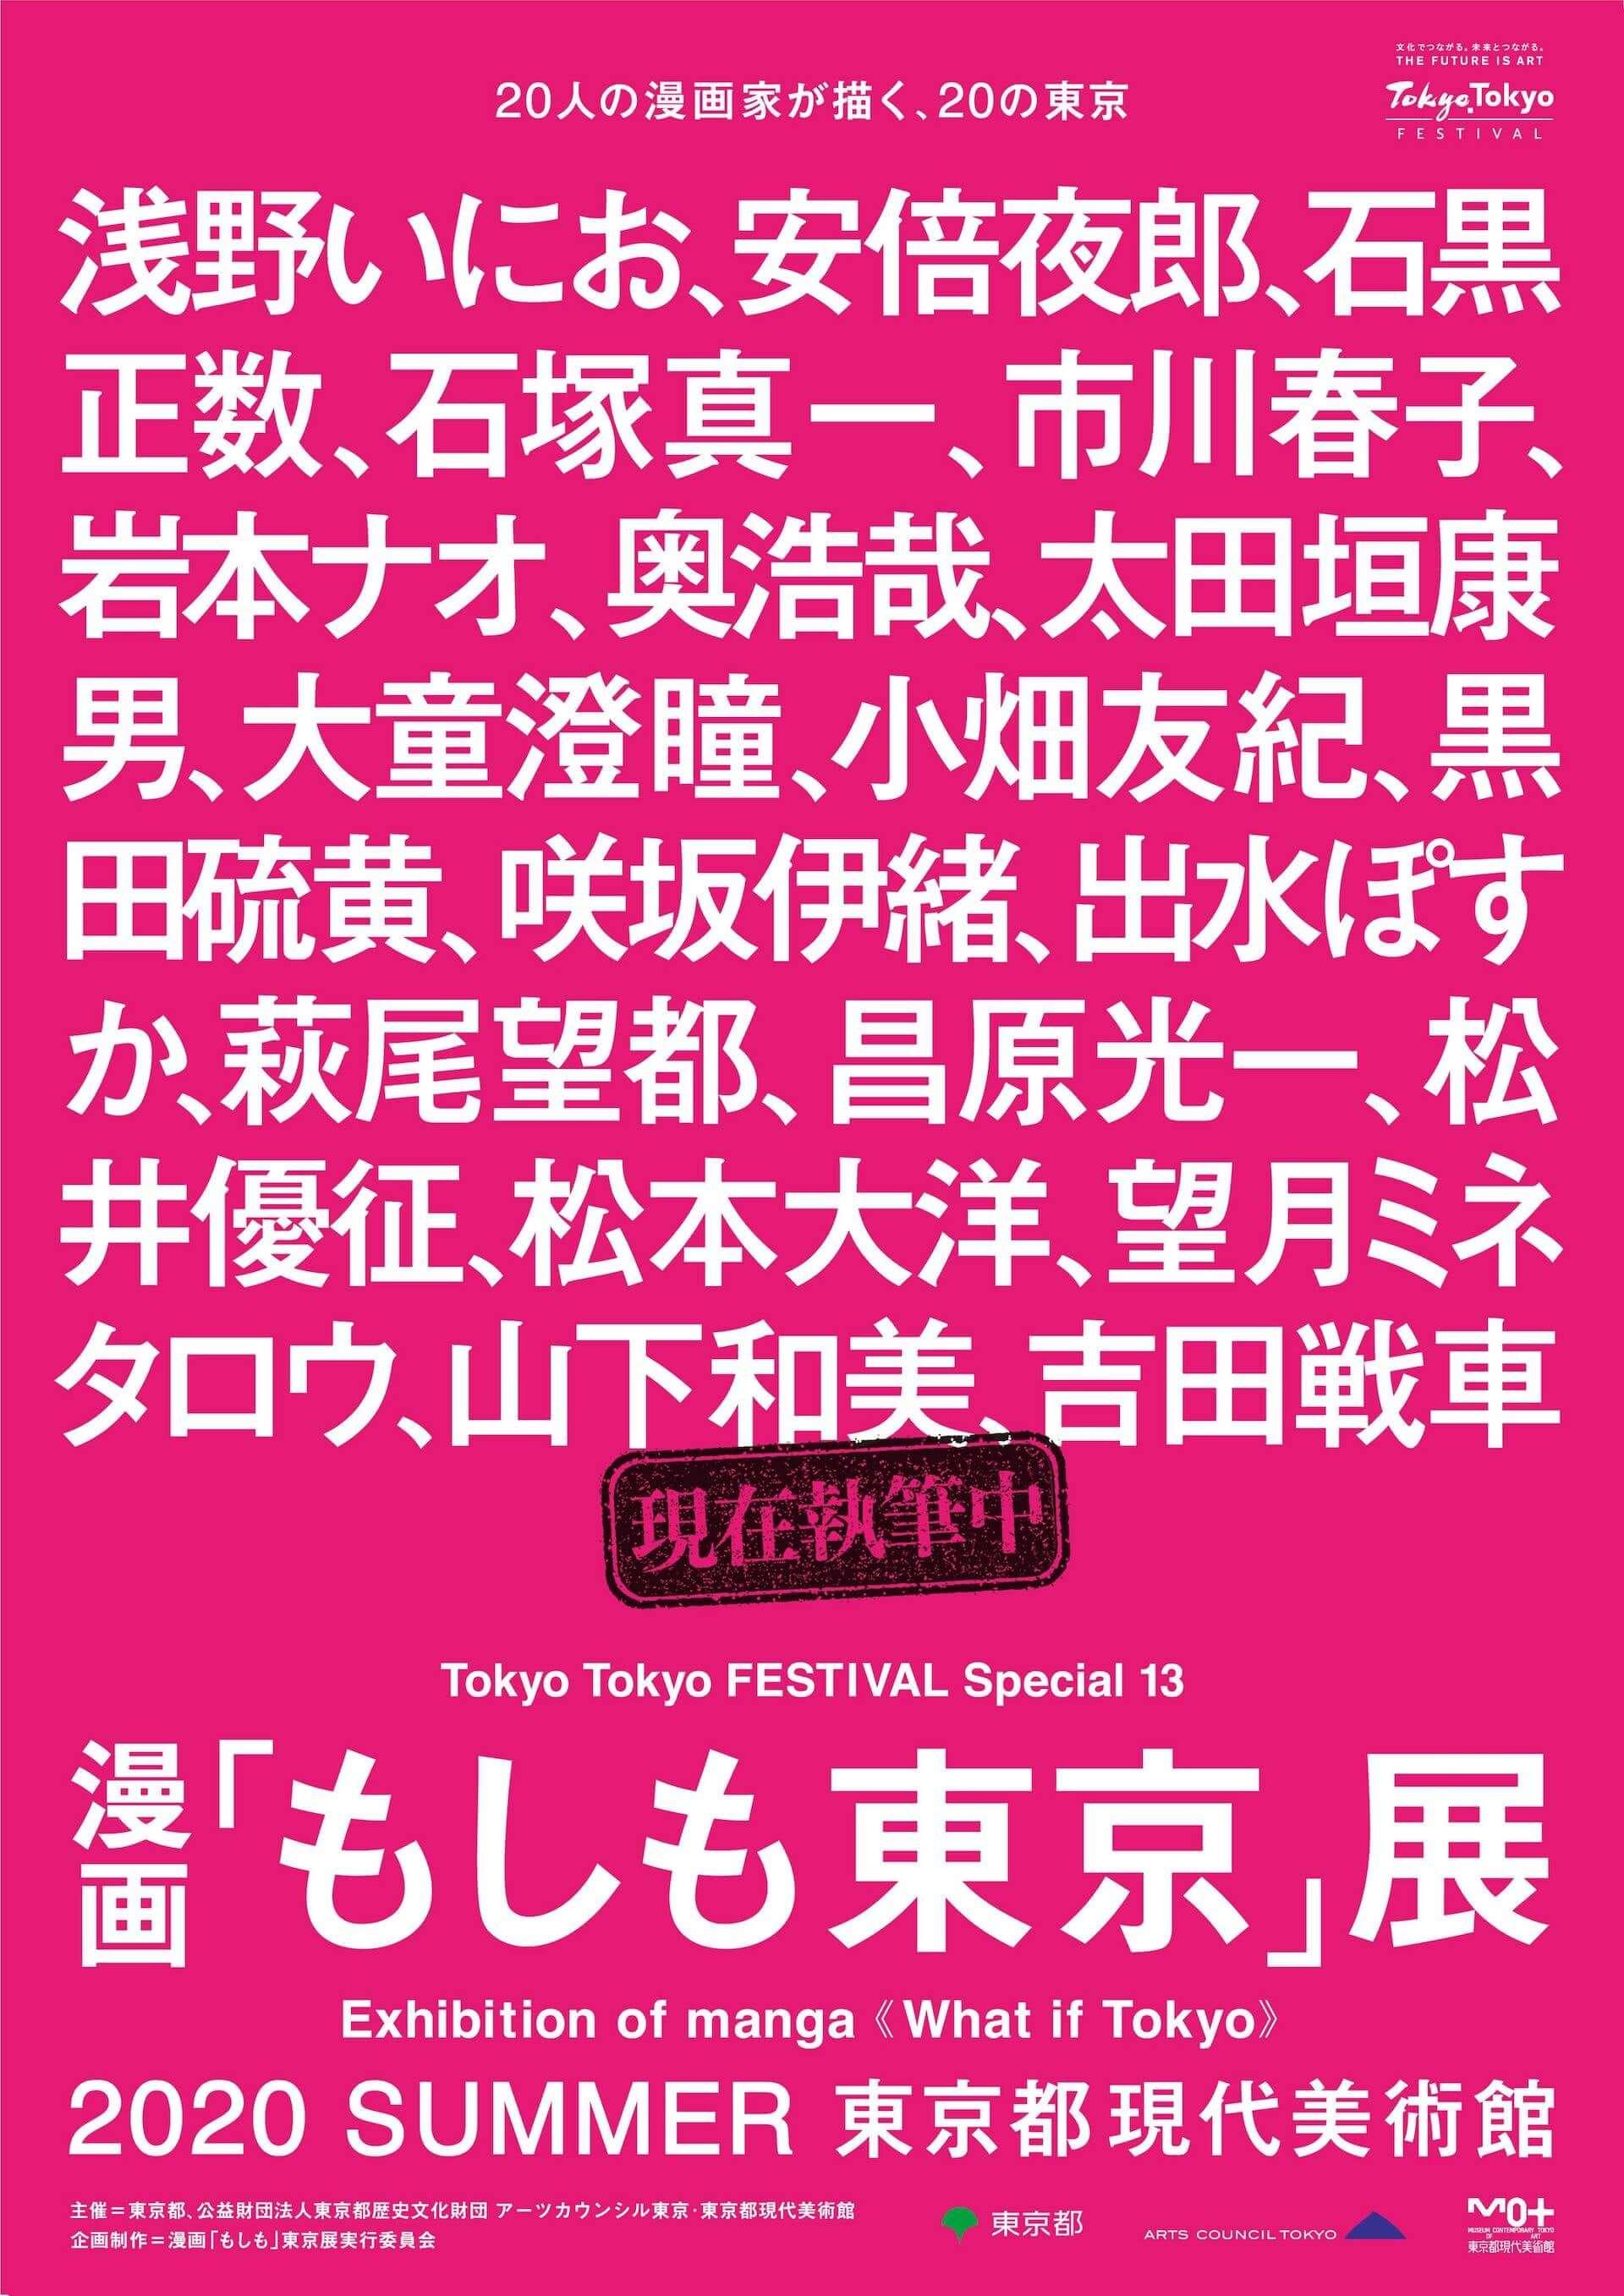 松本大洋、浅野いにおら総勢20名の漫画家が「東京」を描く|東京現代美術館にて<漫画「もしも東京」展>の開催決定 artculture200131_moshimotokyo_main-1920x2715